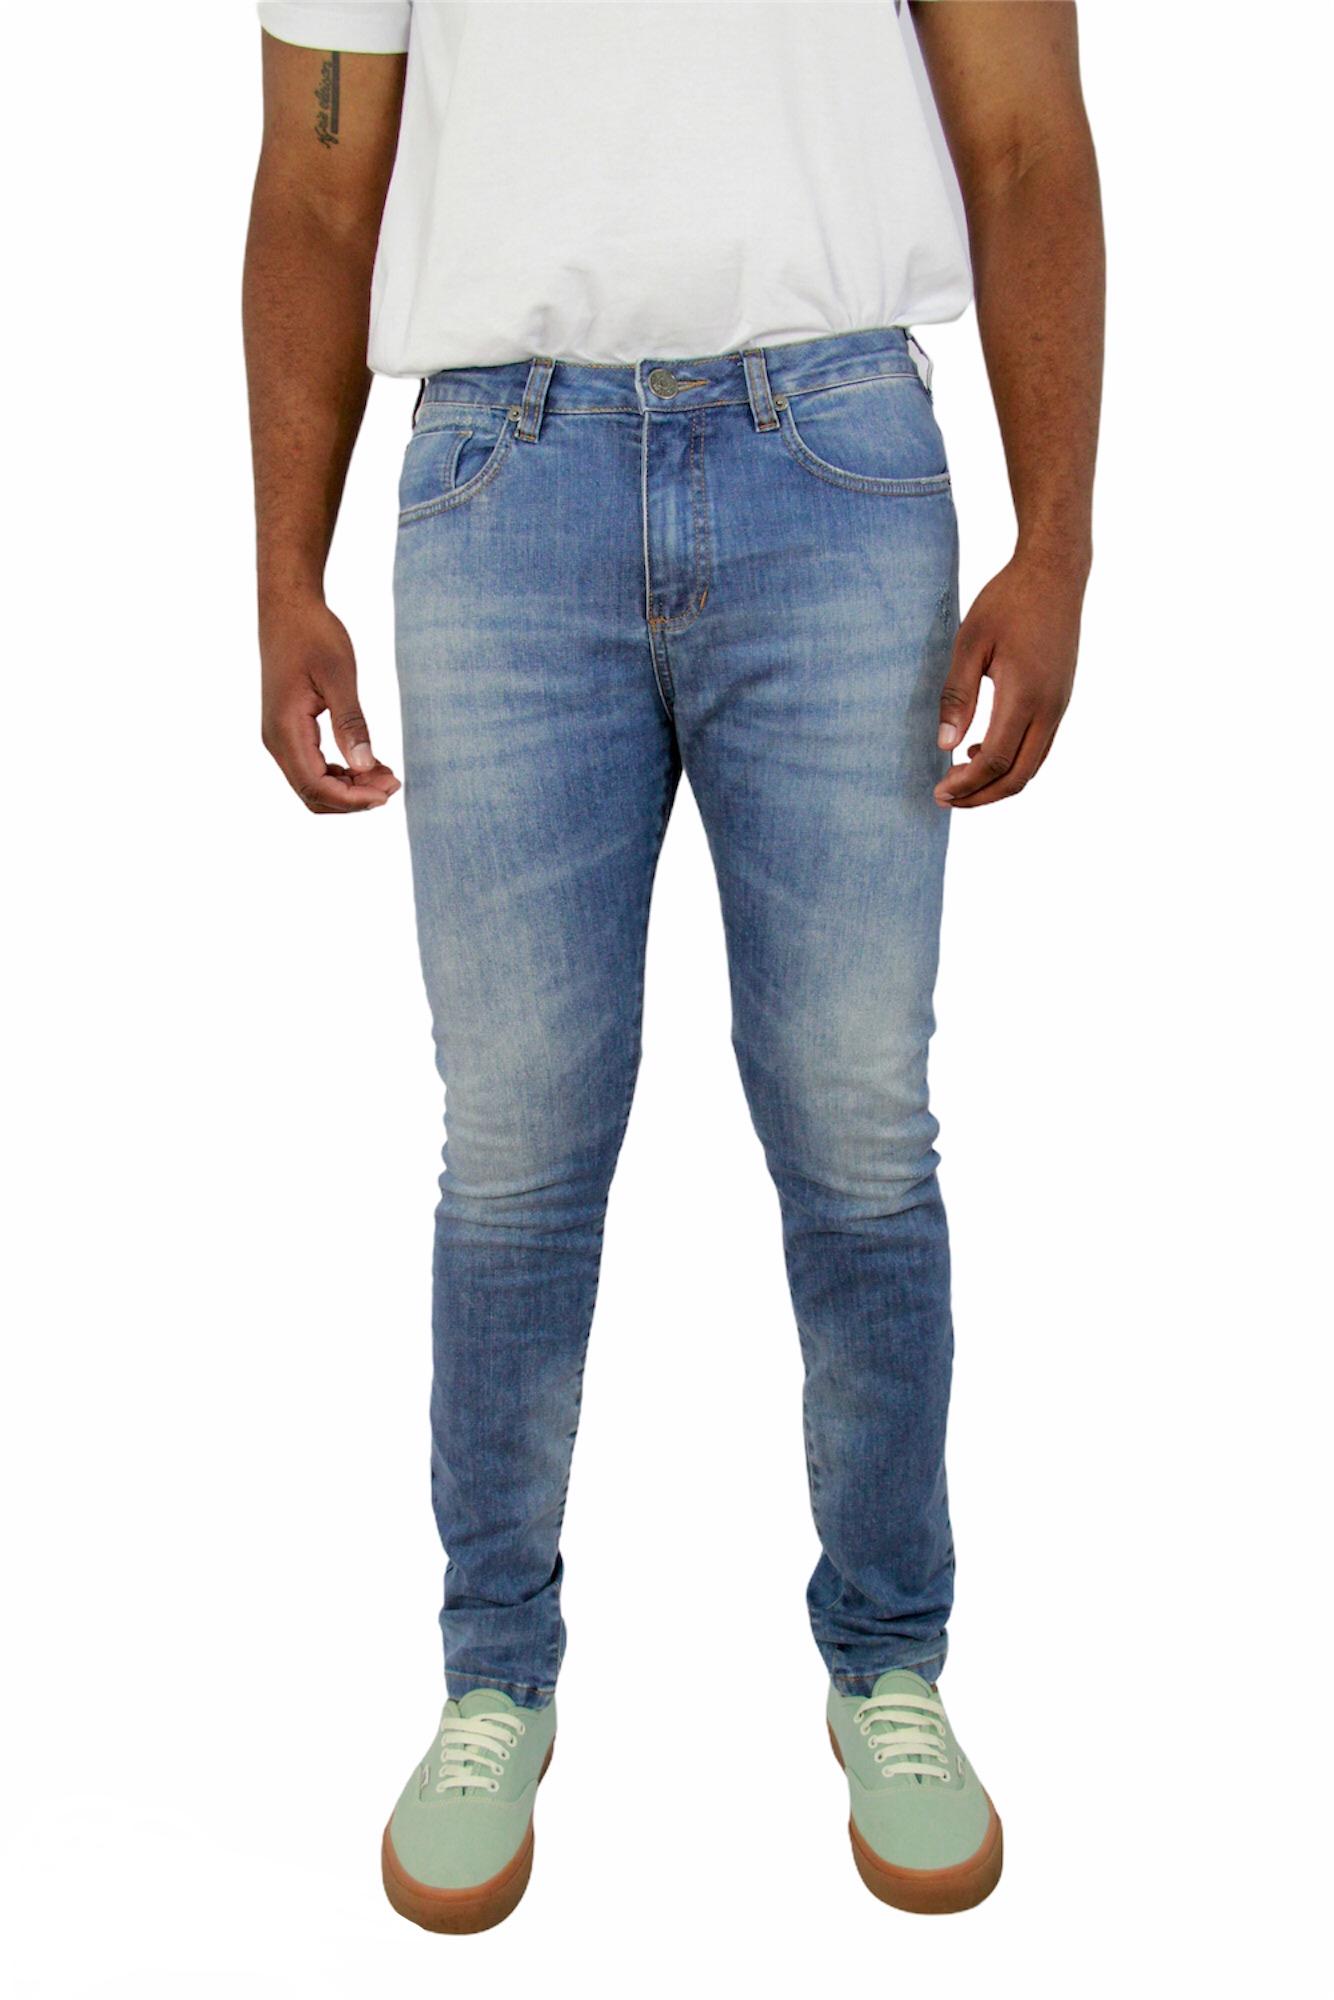 Calça Jeans Arpoador Limits